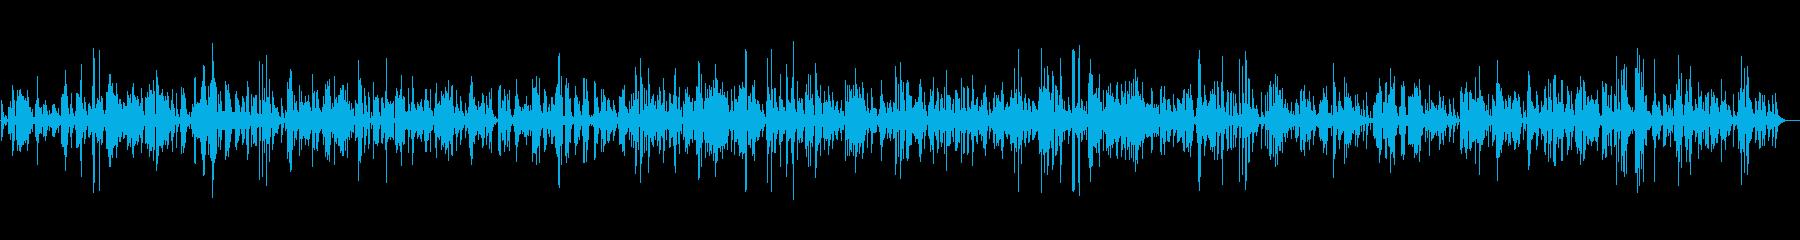 BGM|カフェで癒されるピアノJAZZの再生済みの波形